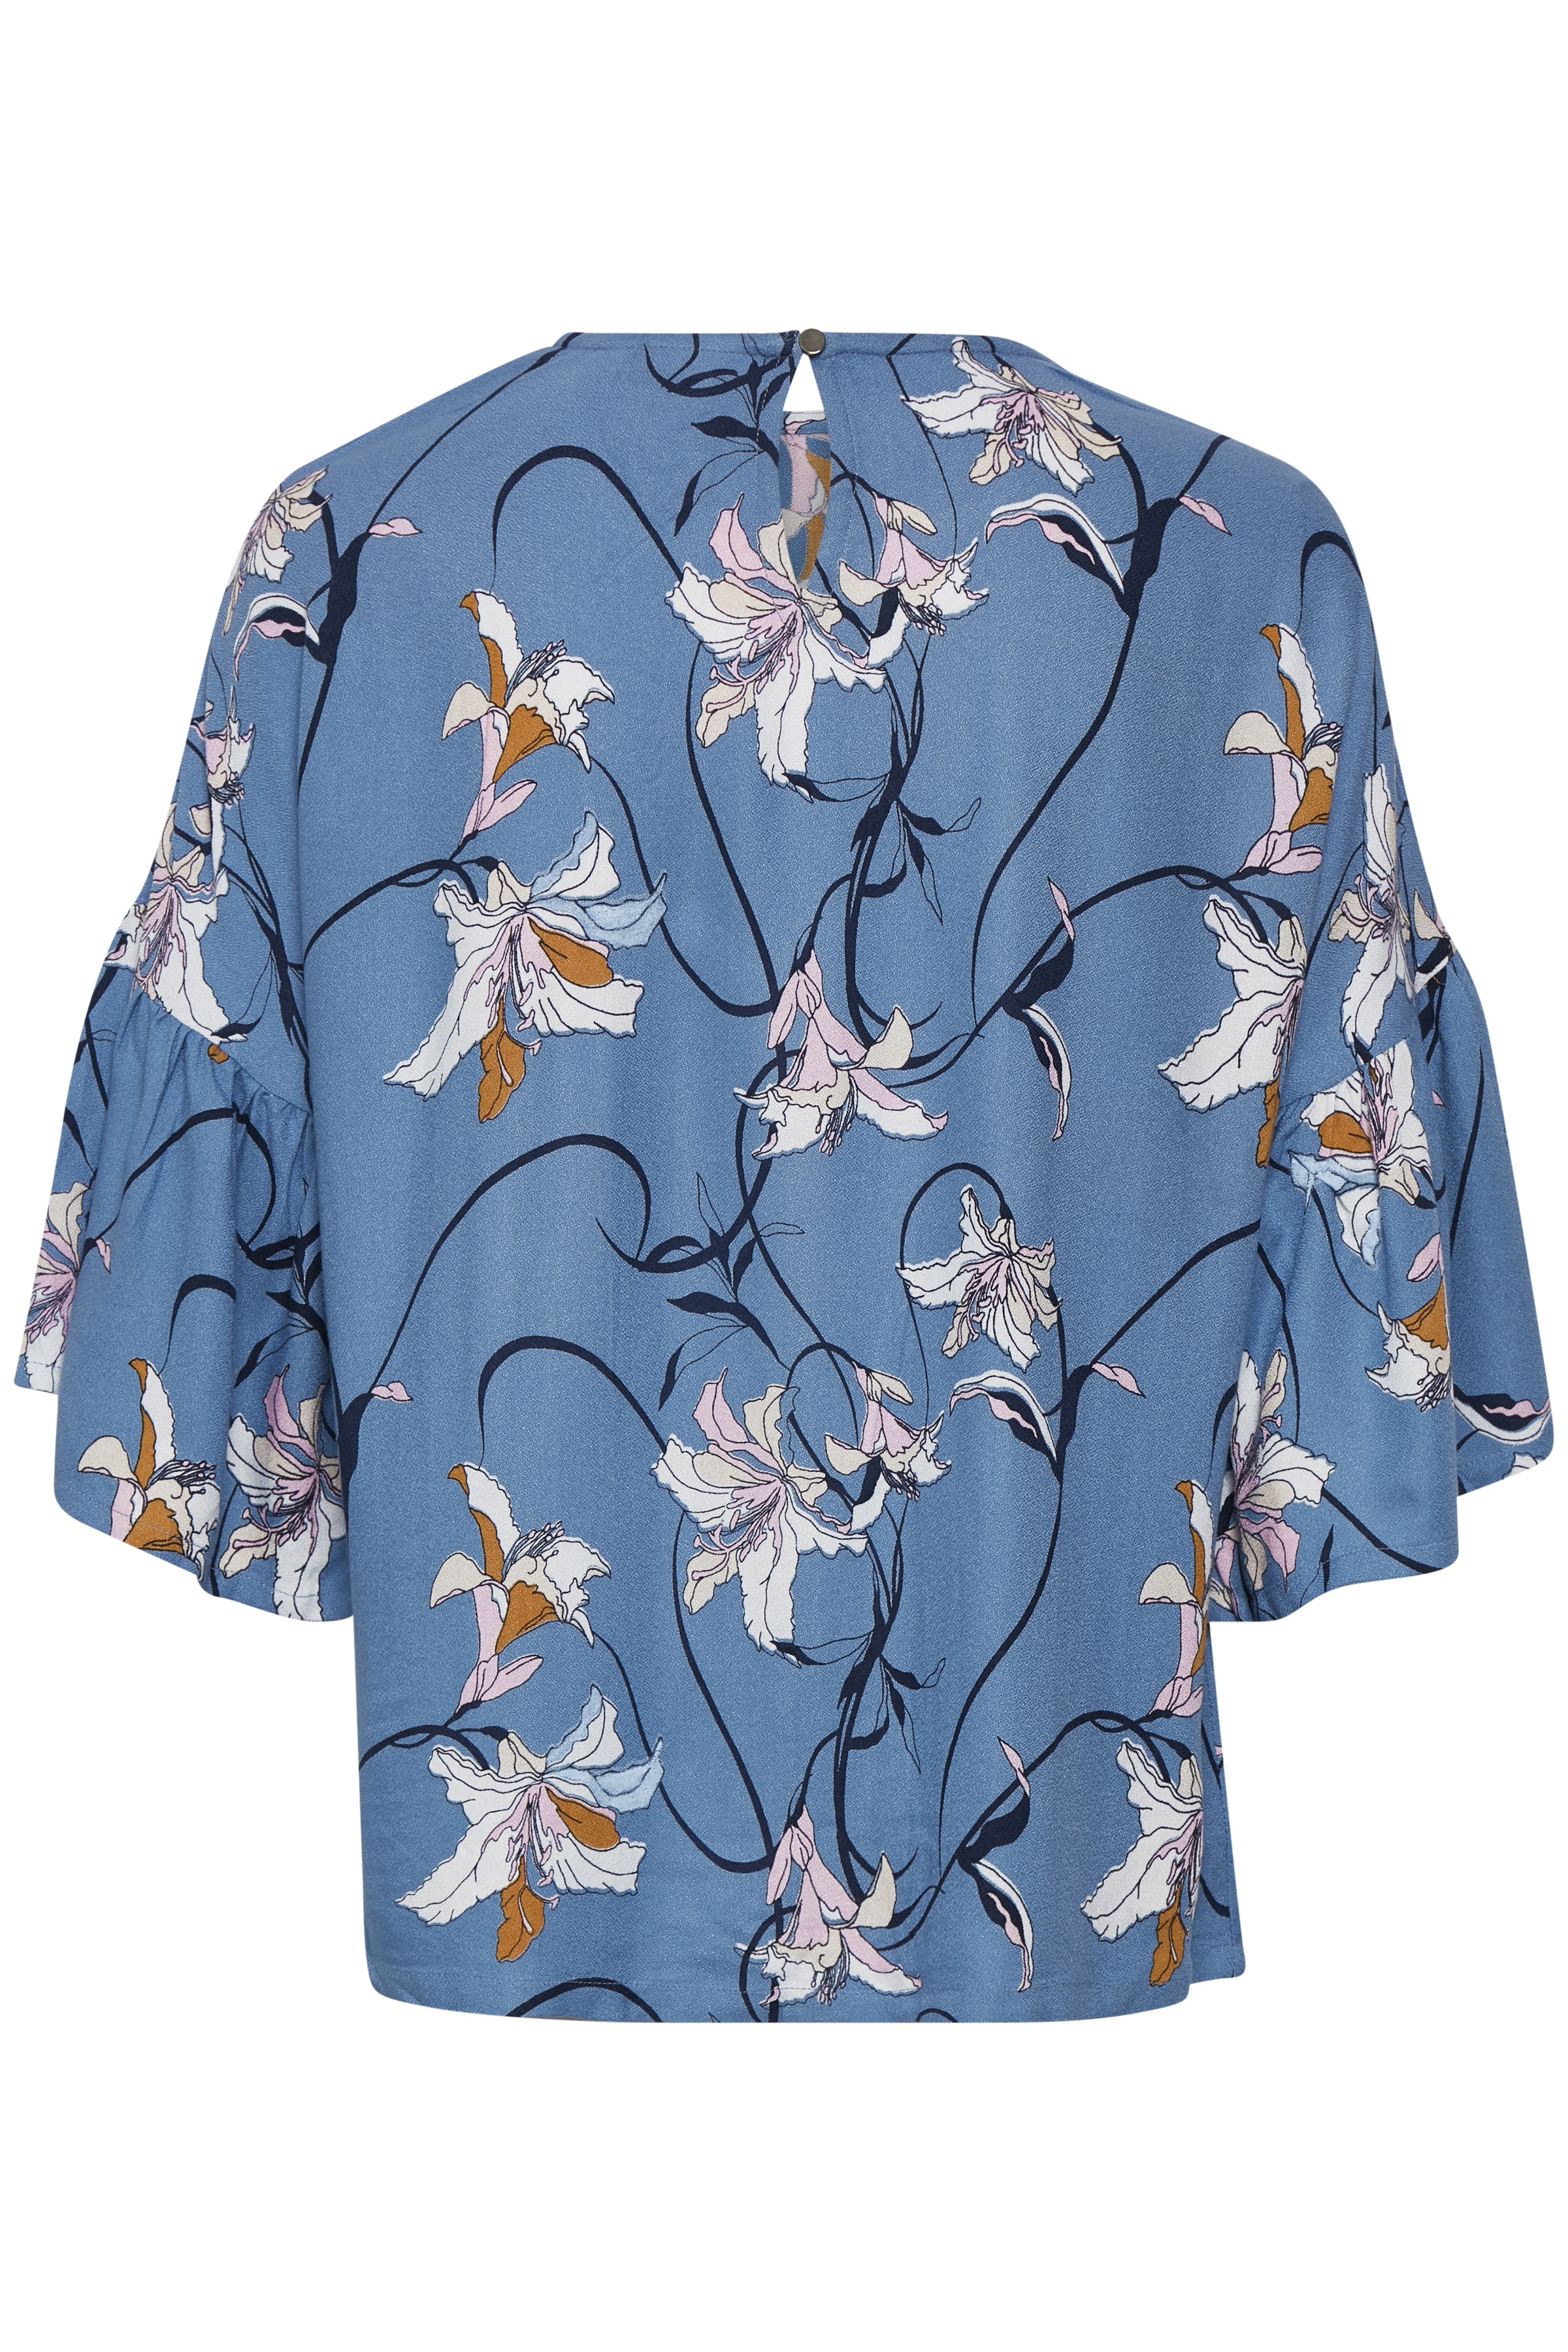 Støvet blå/hvid Bluse  fra Kaffe – Køb Støvet blå/hvid Bluse  fra str. 34-46 her